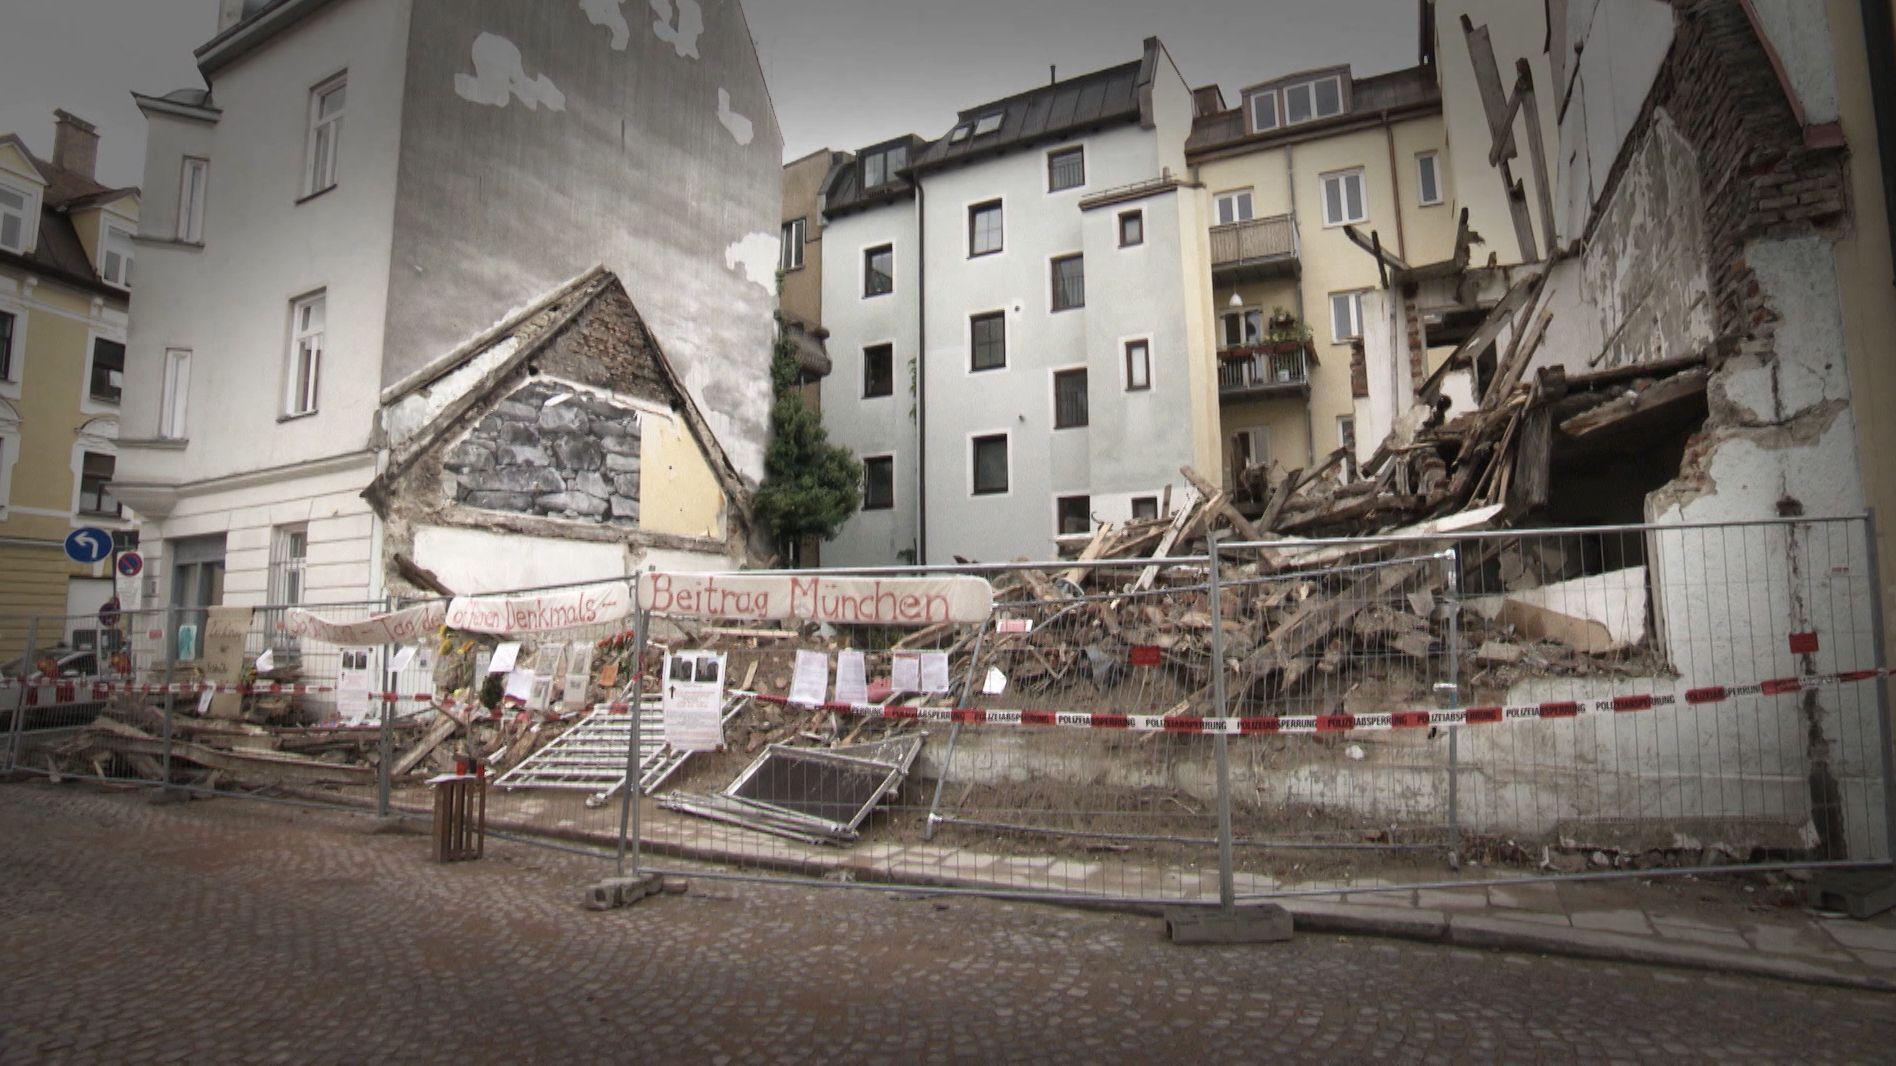 Das Uhrmacherhäusl in München-Giesing ist zum Symbol geworden für Profitgier im Immobilienmarkt: das denkmalgeschützte Haus wurde abgerissen.